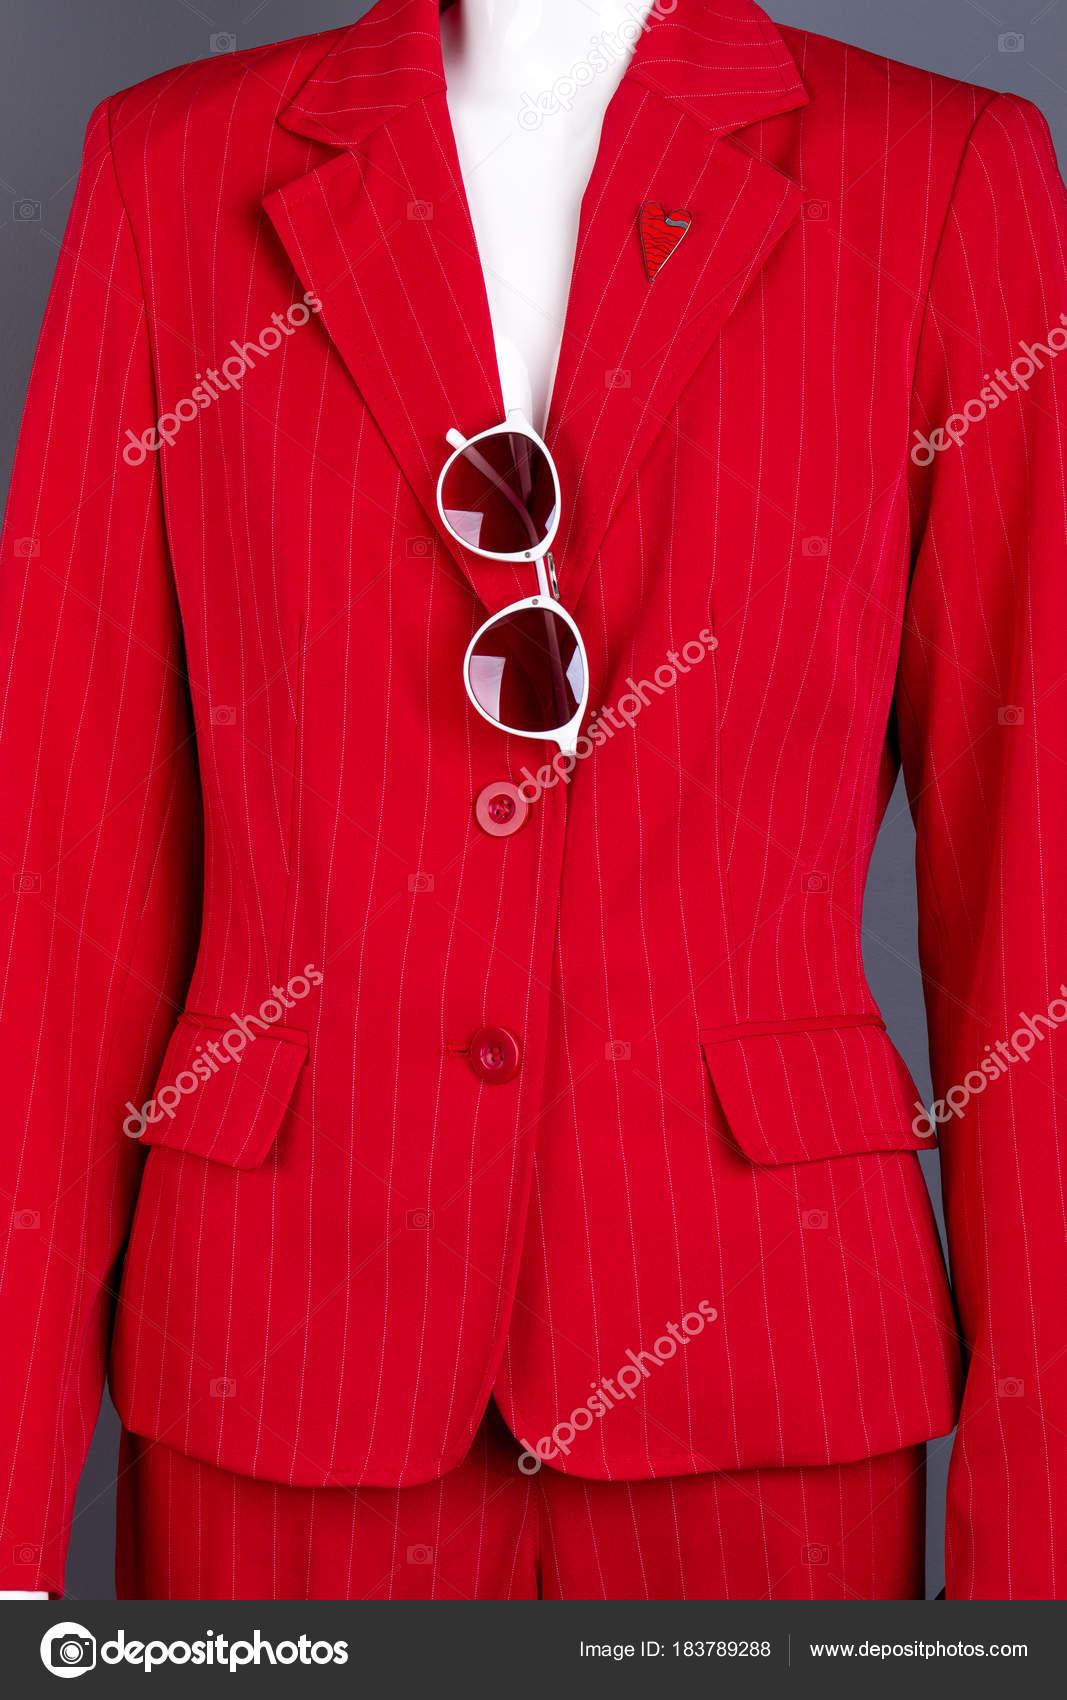 newest a5071 42e11 Chiuda in su giacca donna rossa con gli occhiali da sole ...